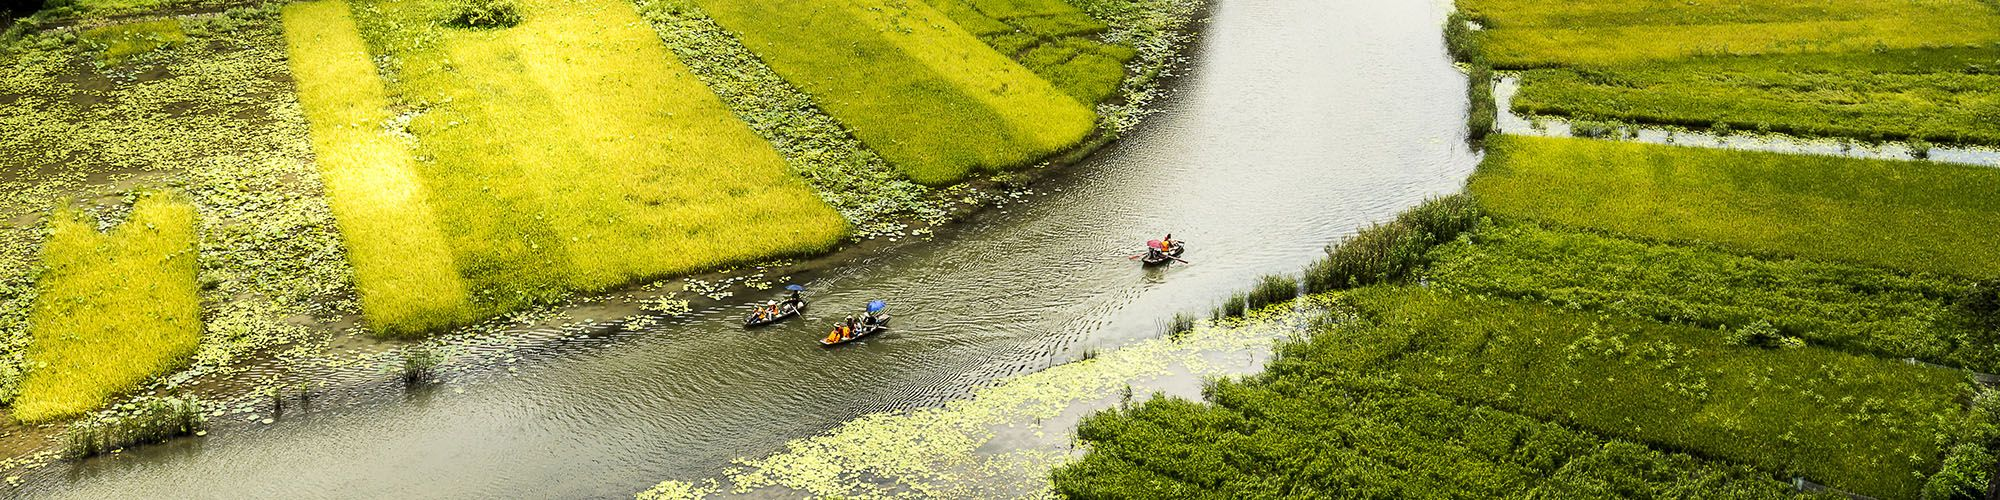 Vietnam, Province, Ninh Binh